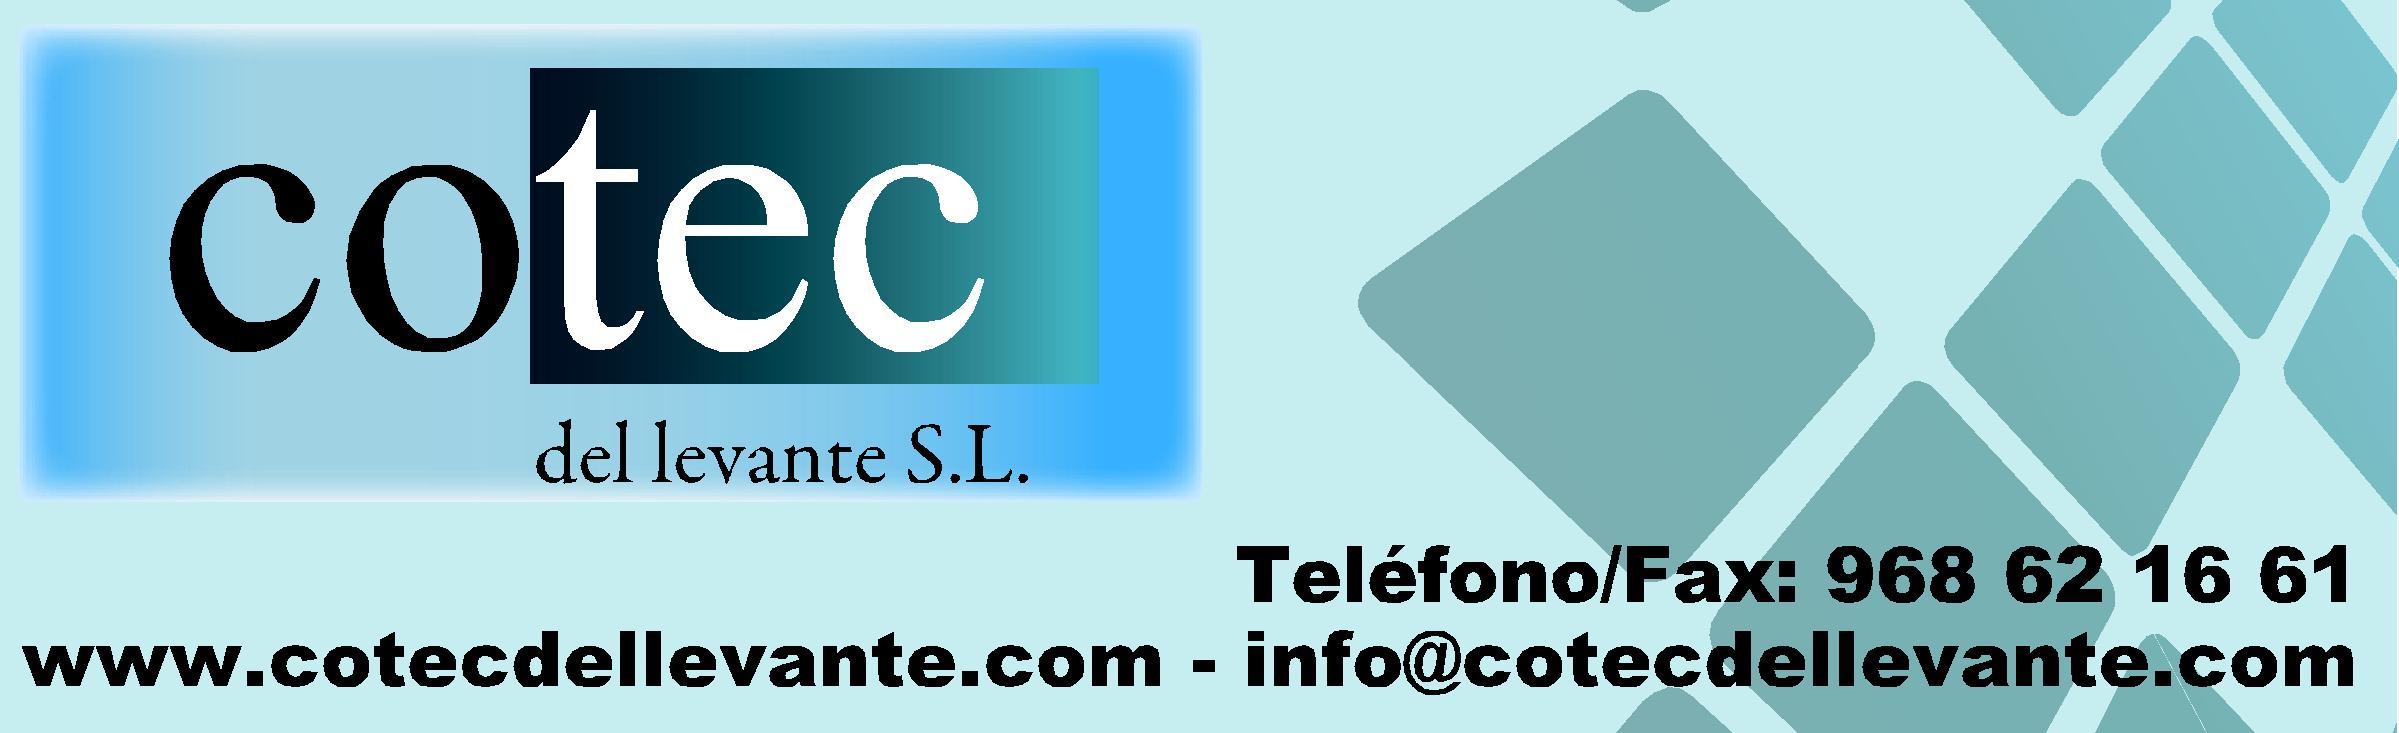 Cotec Del Levante S.L